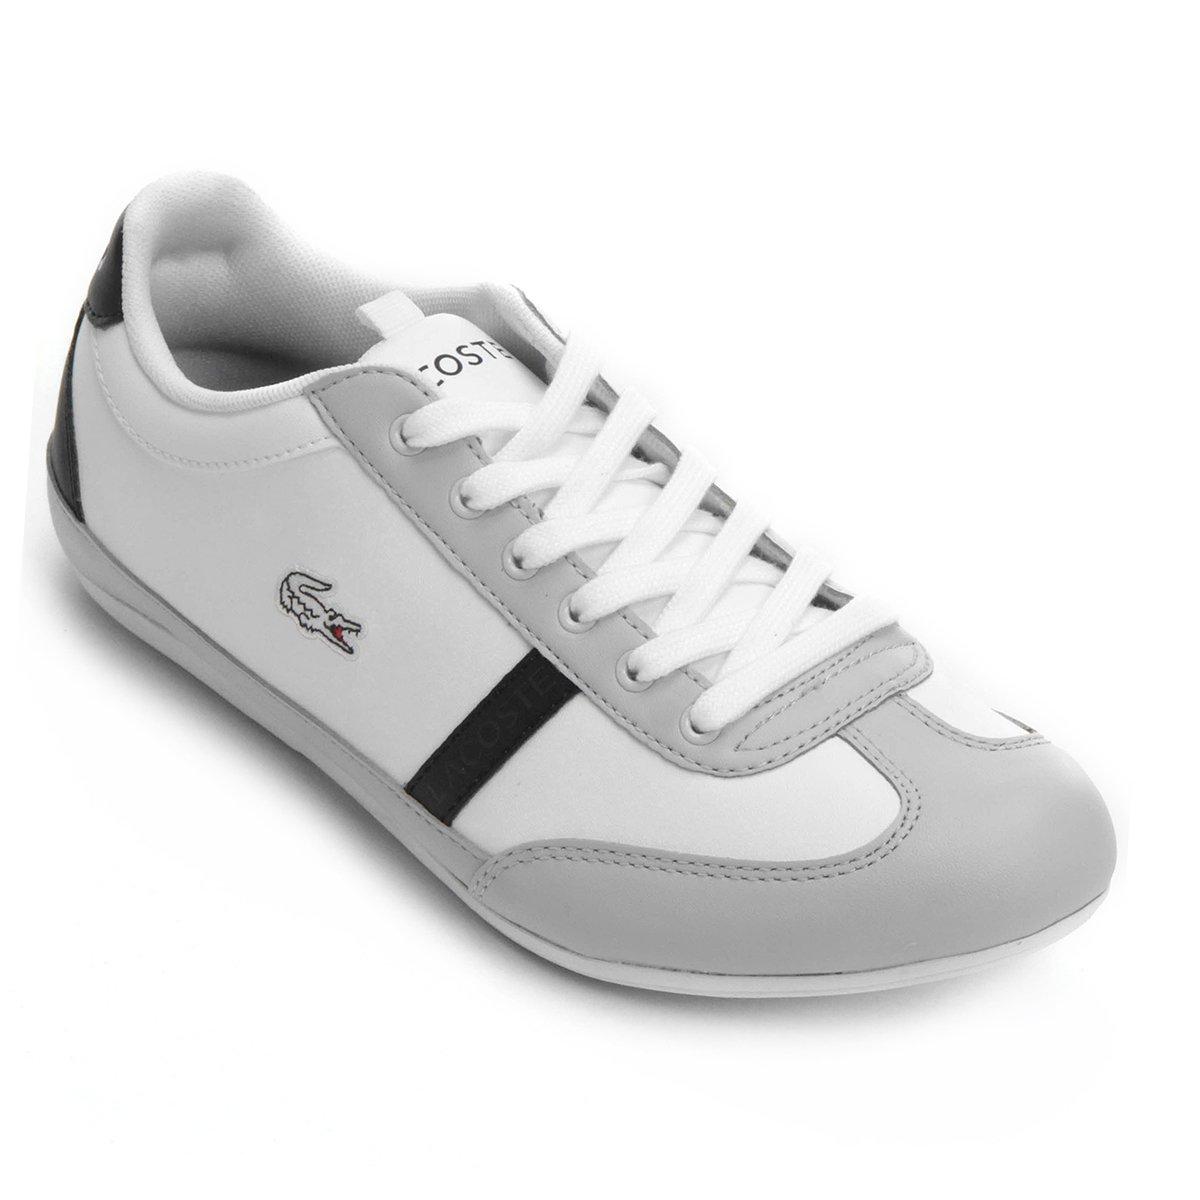 ... ccbc6999b08 Tênis Lacoste Misano Sport Scy Infantil - Compre Agora  Netshoes ... cfef1dd08d